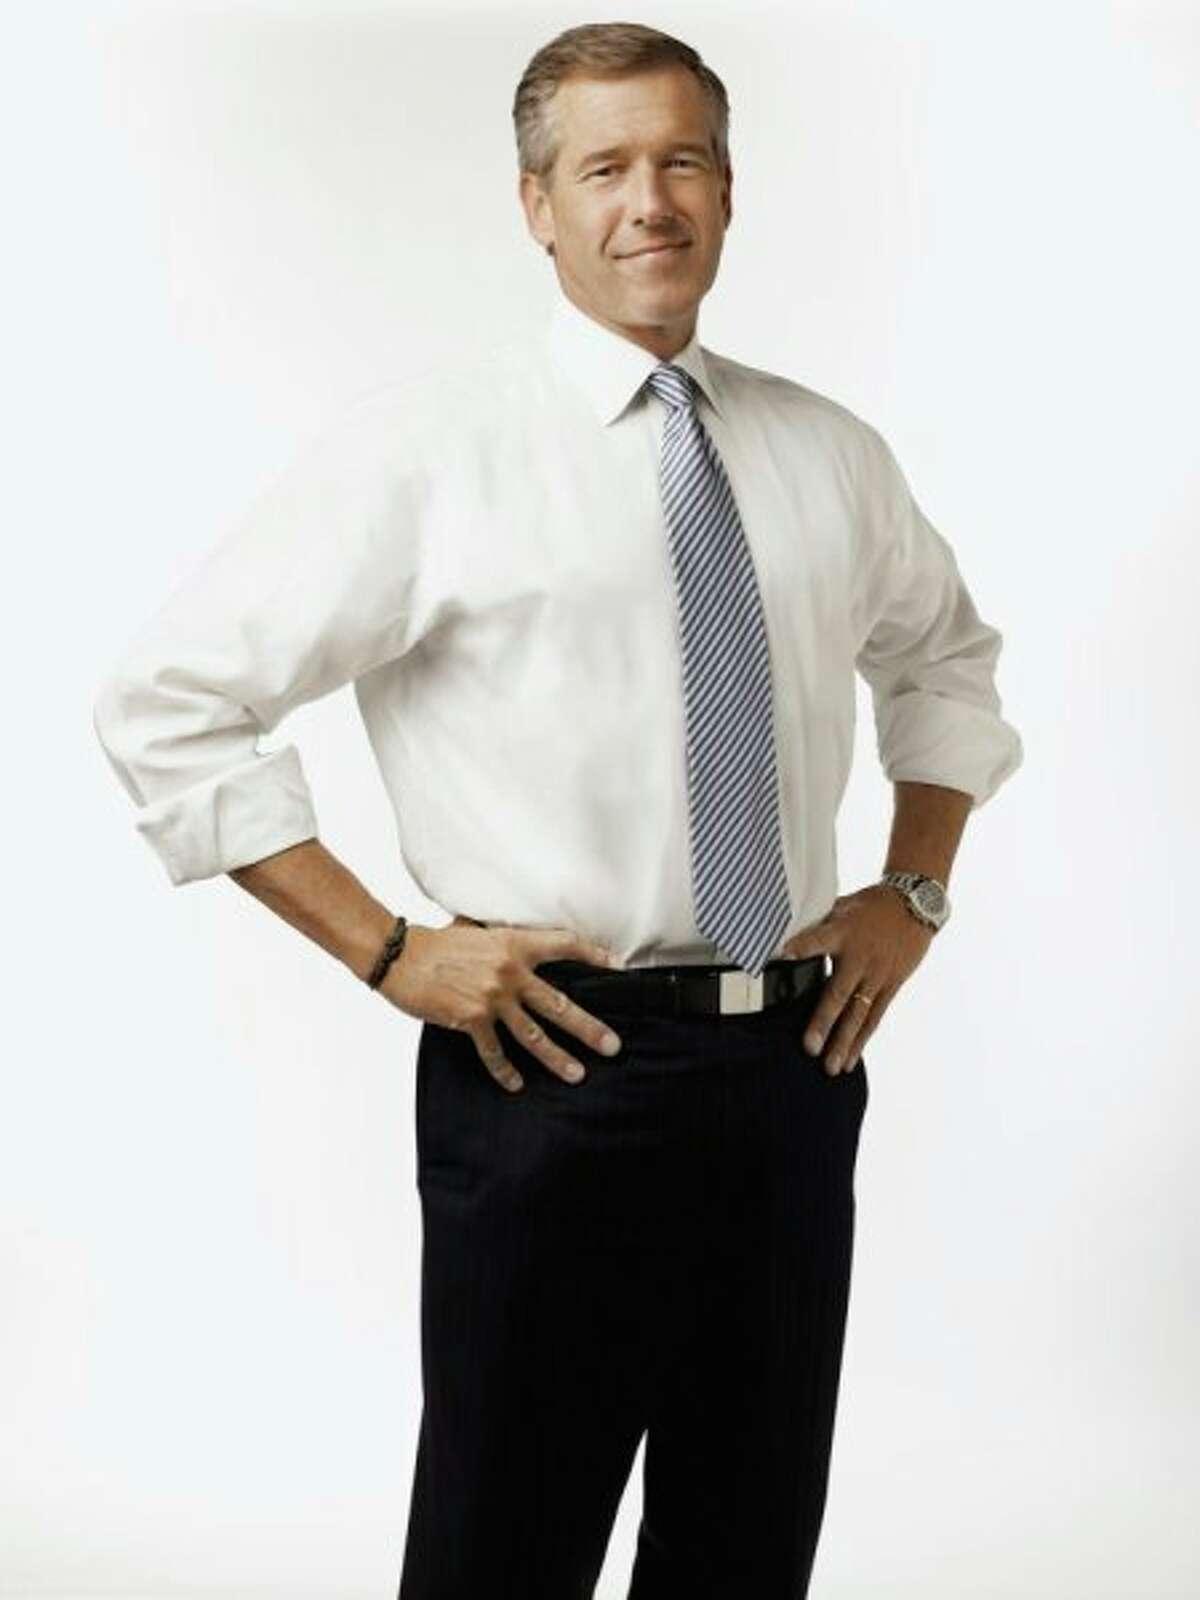 NBC news anchor Brian Williams.